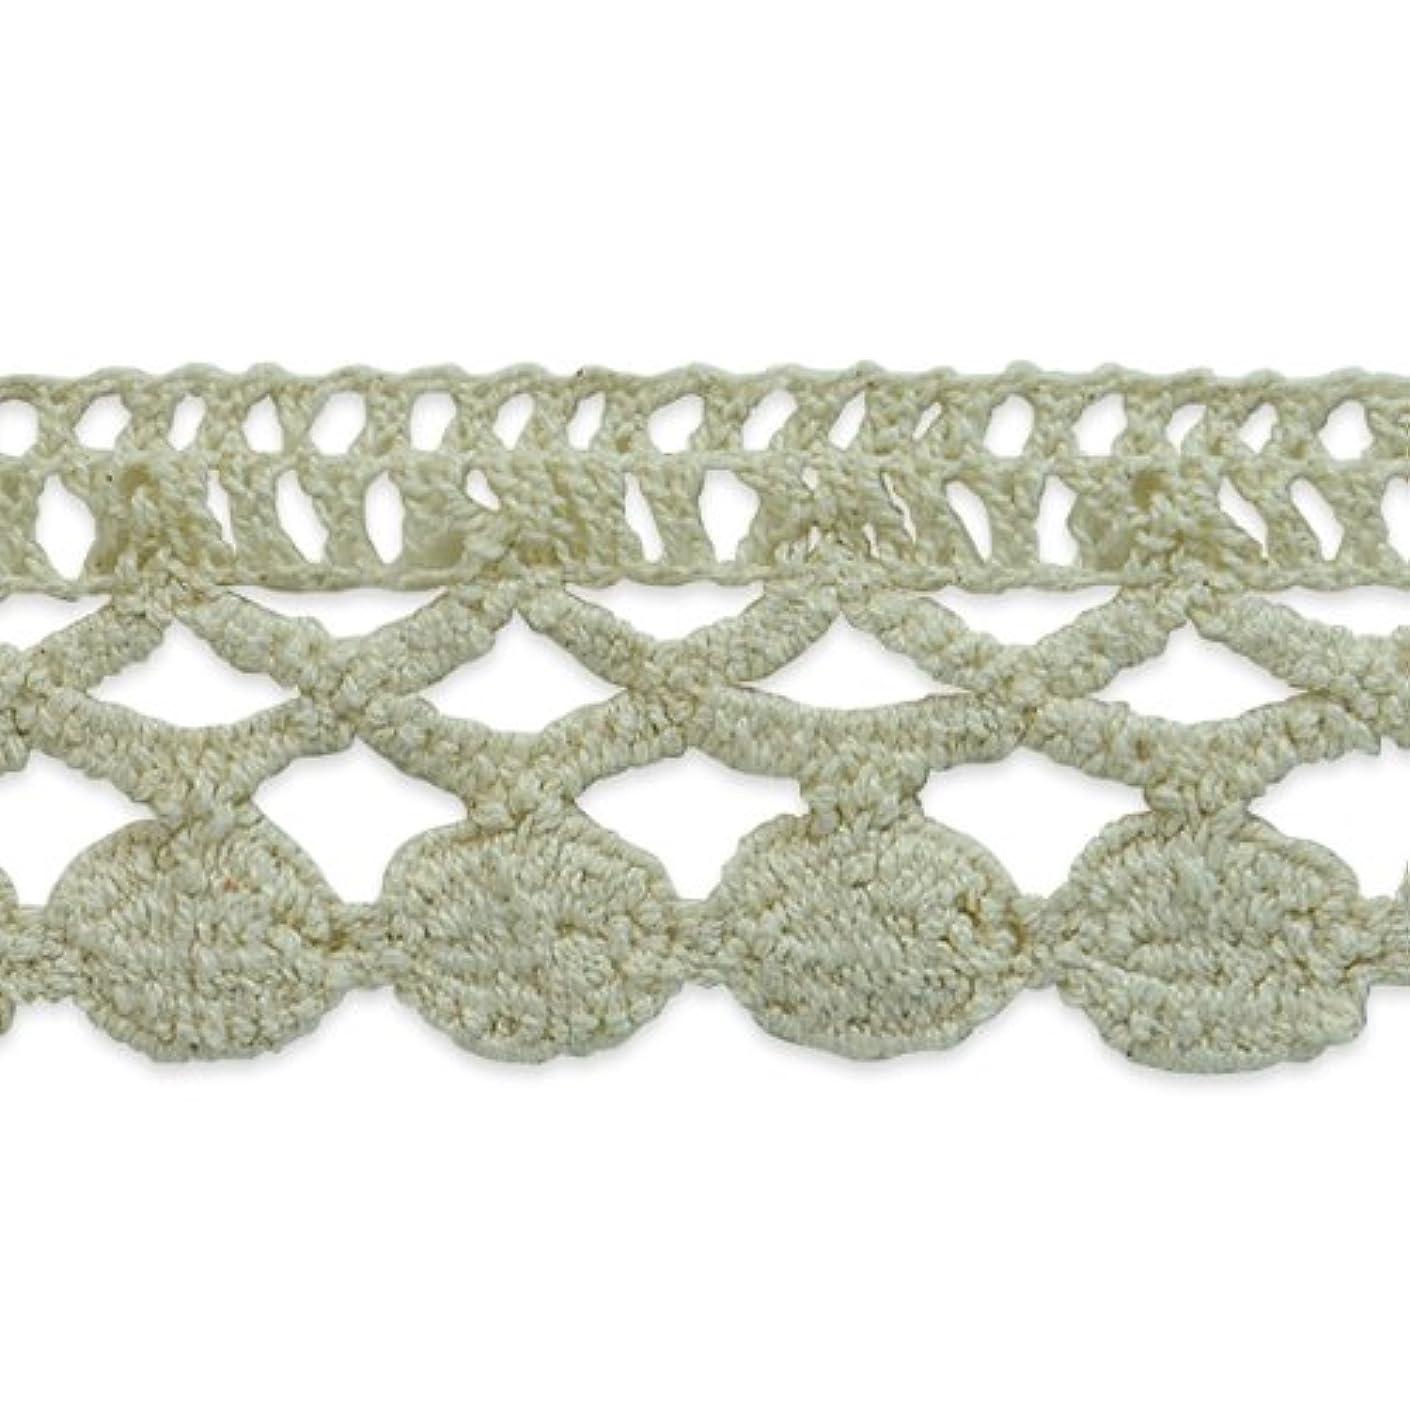 Expo International Sadie Machine Crocheted Trim Embellishment, 10-Yard, Cream